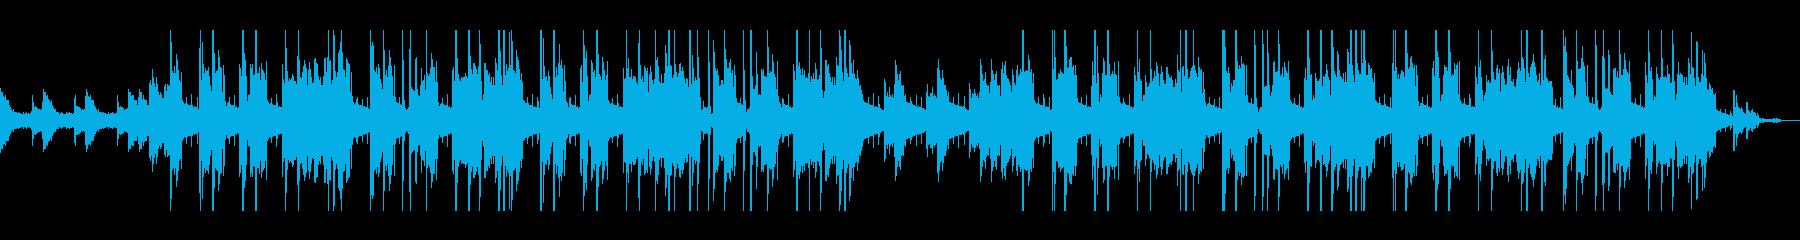 クールなジャズヒップホップの再生済みの波形